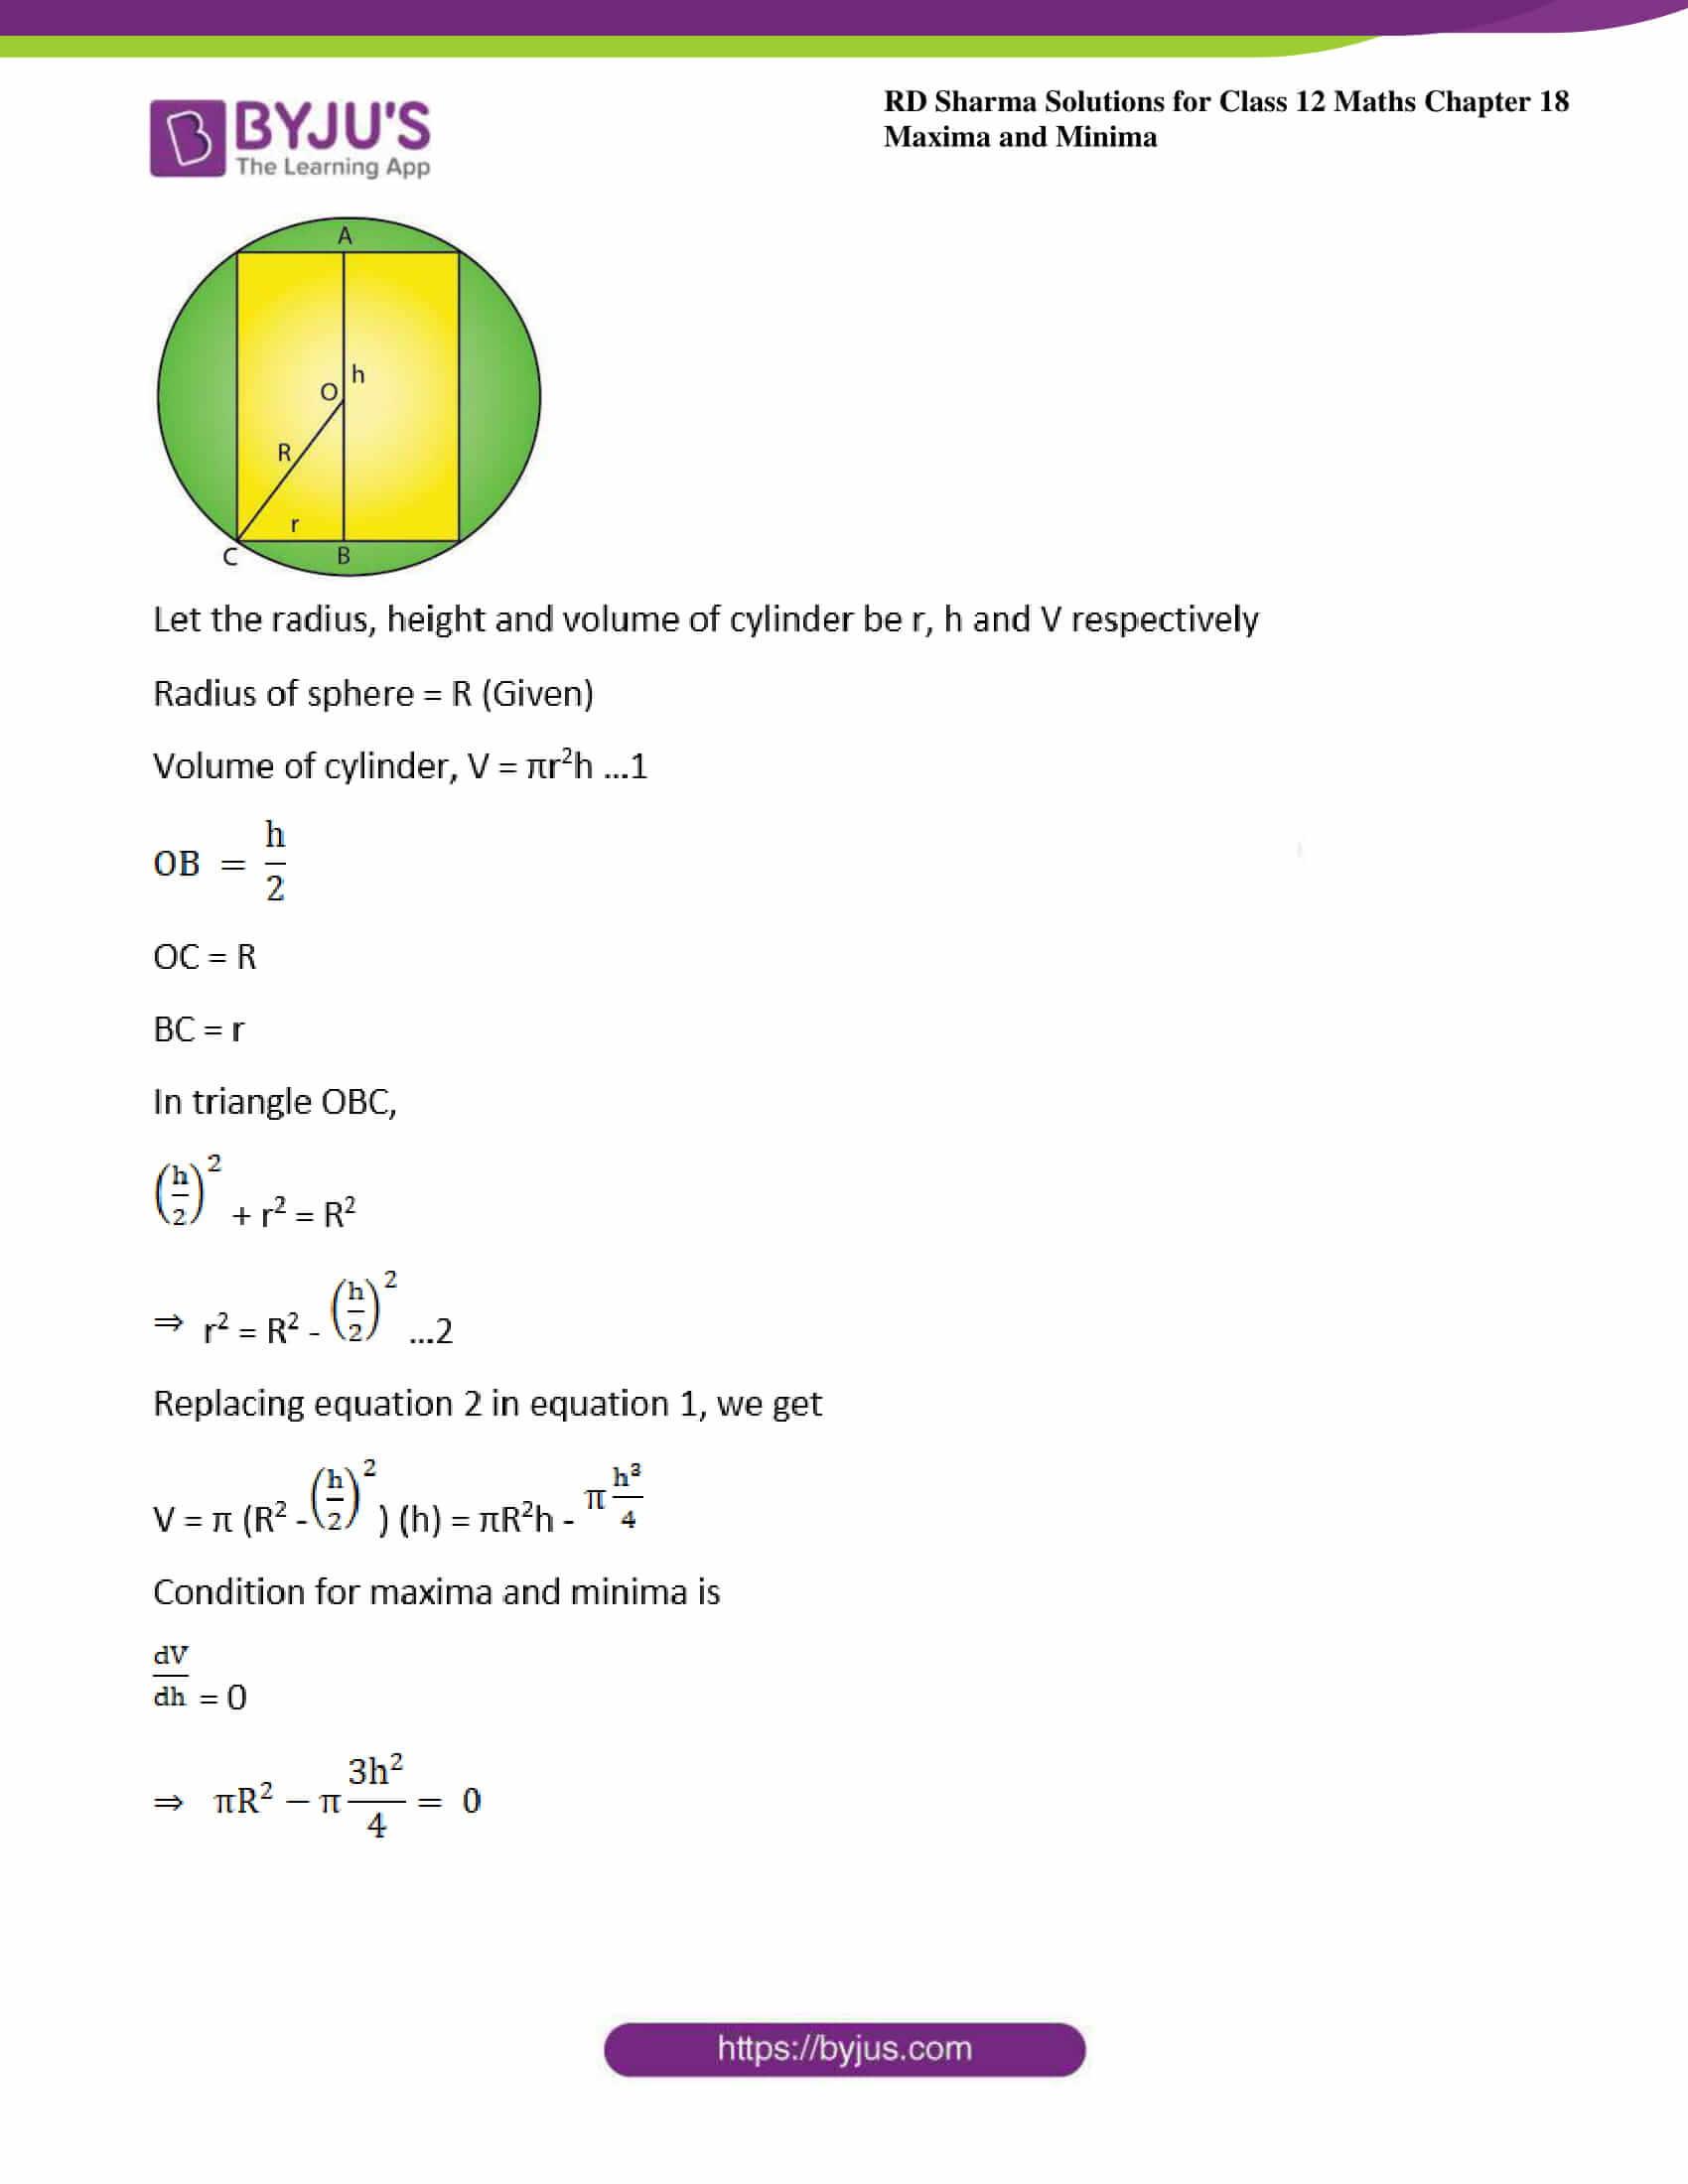 rd sharma class 12 maths sol chap 18 ex 5 23